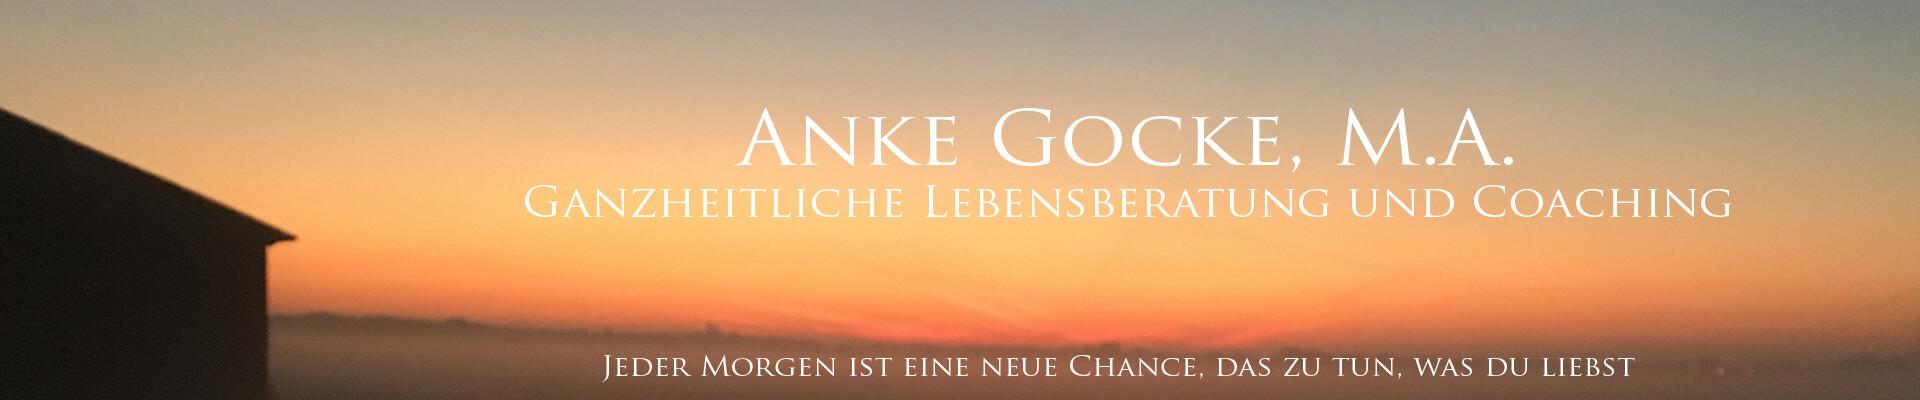 Anke Gocke Ganzheitliche Lebensberatung und Coaching